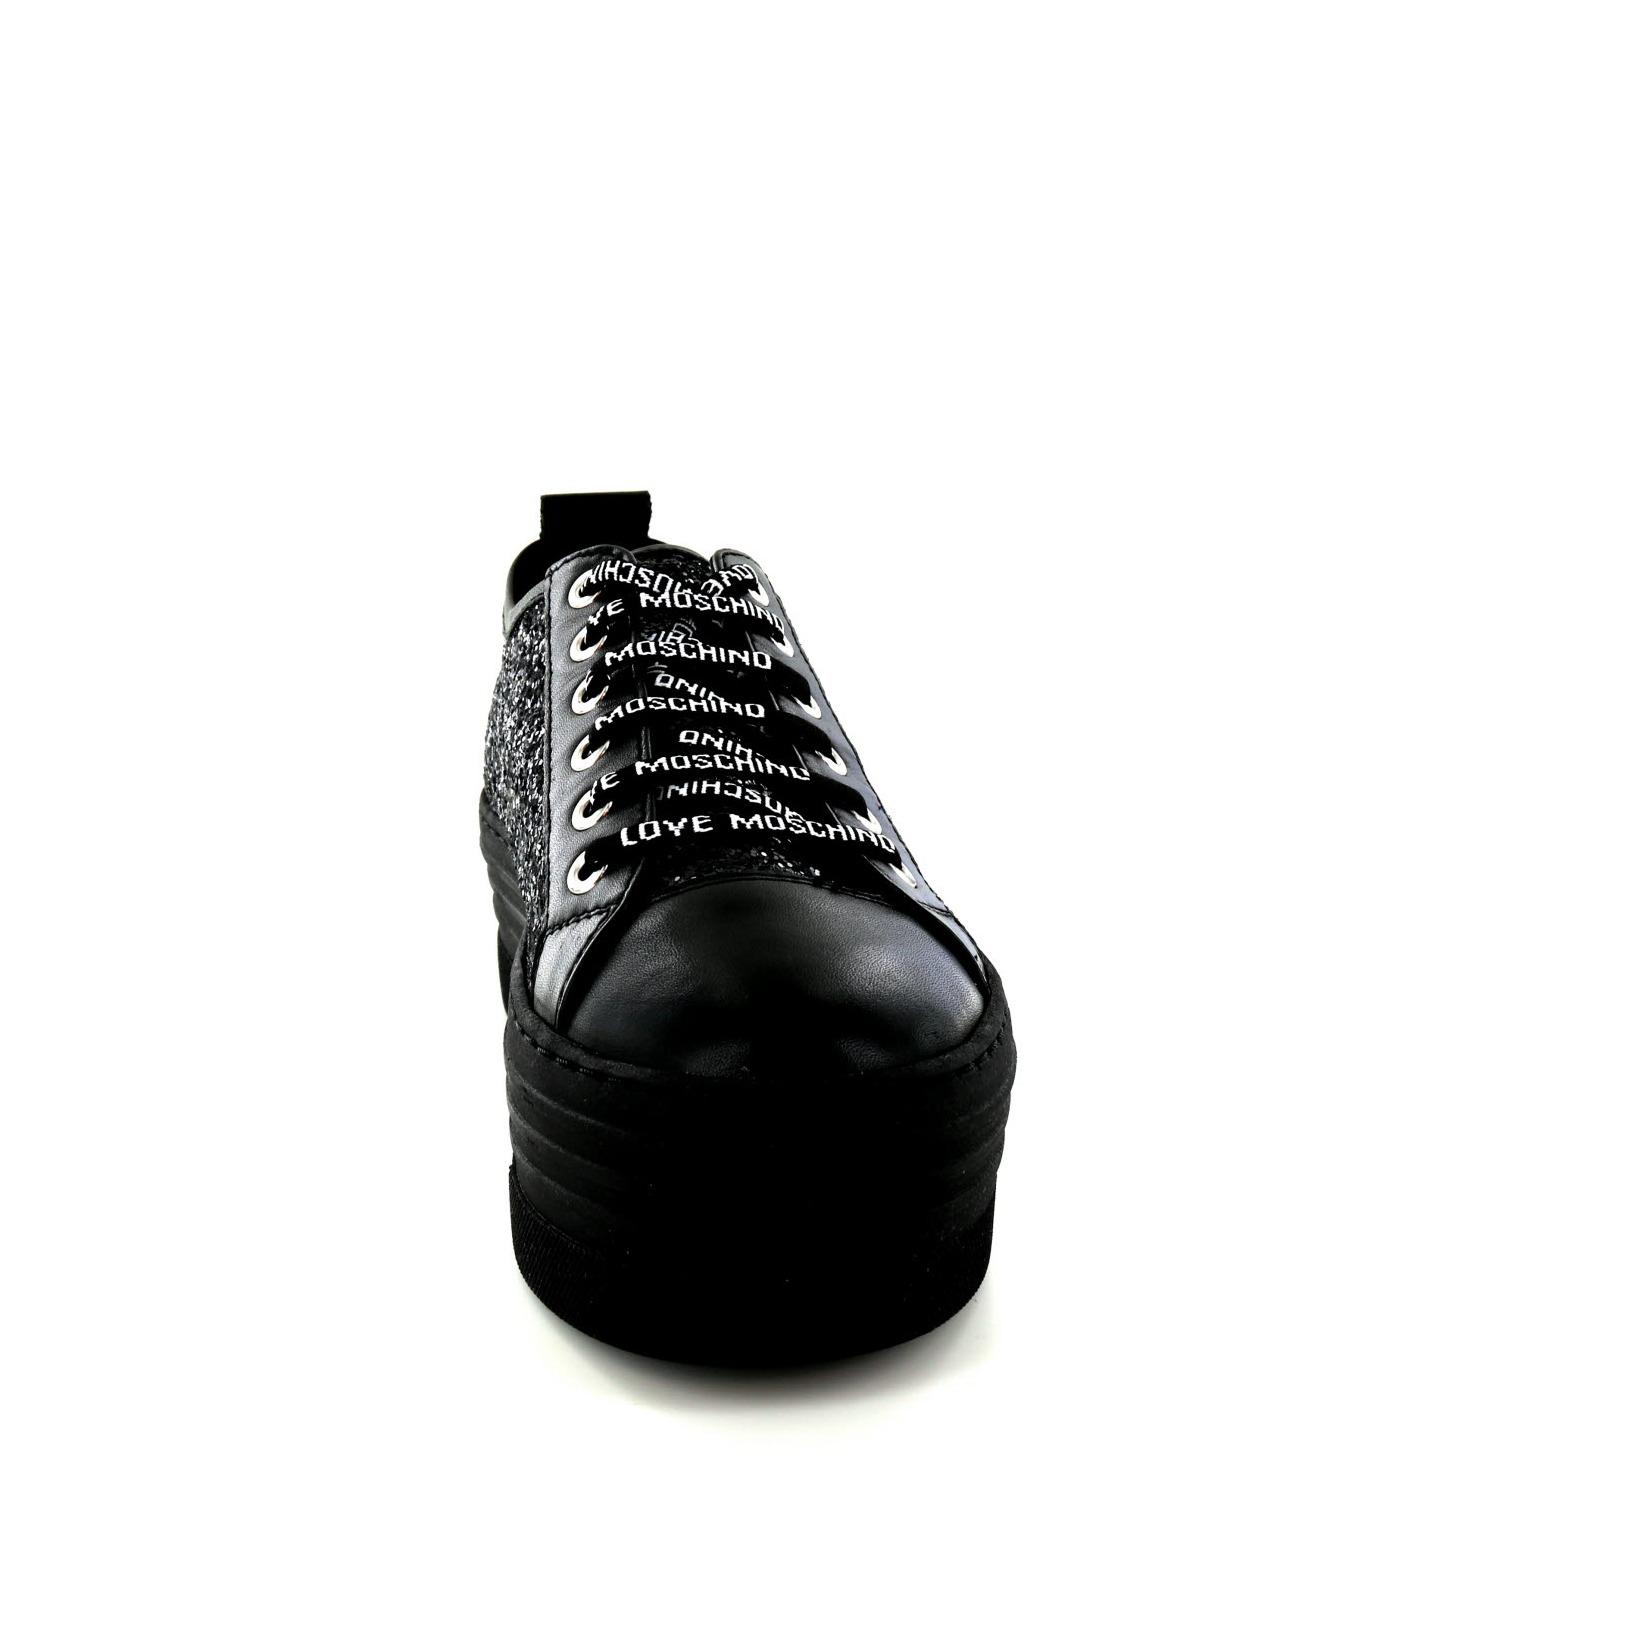 Moschino Amore / Pizzo Scarpe - Scarpe Da Ginnastica, Nero